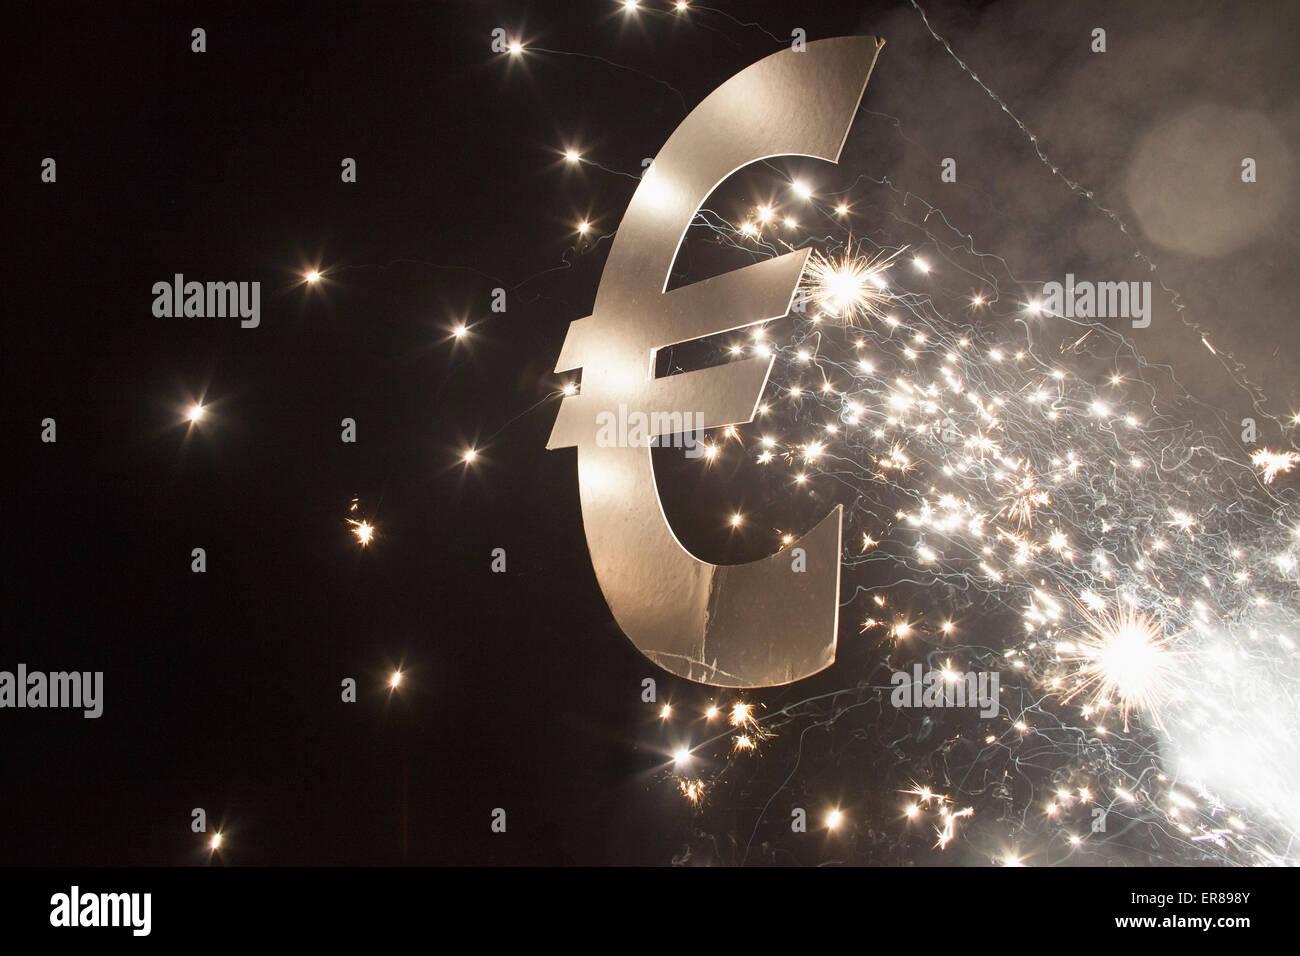 Símbolo del euro iluminado con fuegos artificiales por la noche Imagen De Stock